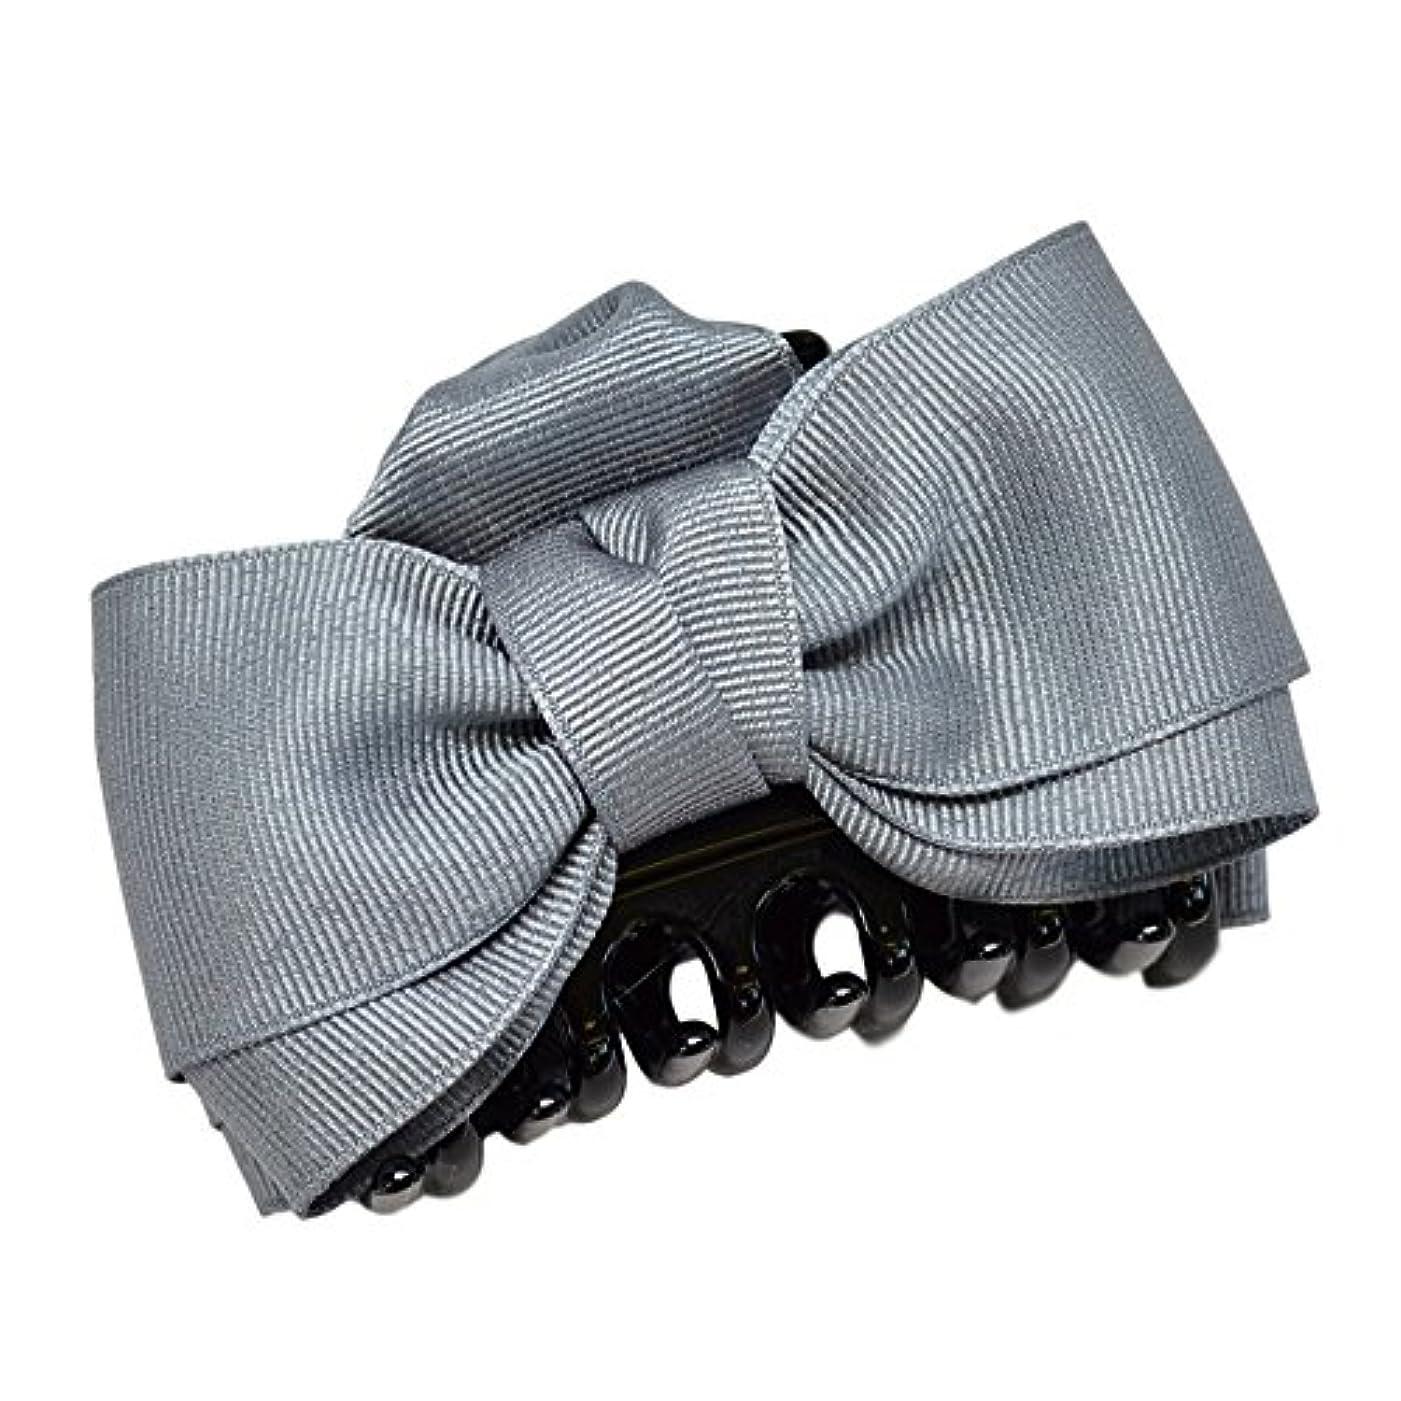 豆ブランチシード(ヴィラジオ)Viragio ヘアクリップ リボン 大 大きめ バンスクリップ 黒 シンプル ヘアアクセサリー 髪留め 髪飾り ブランド vi-0258